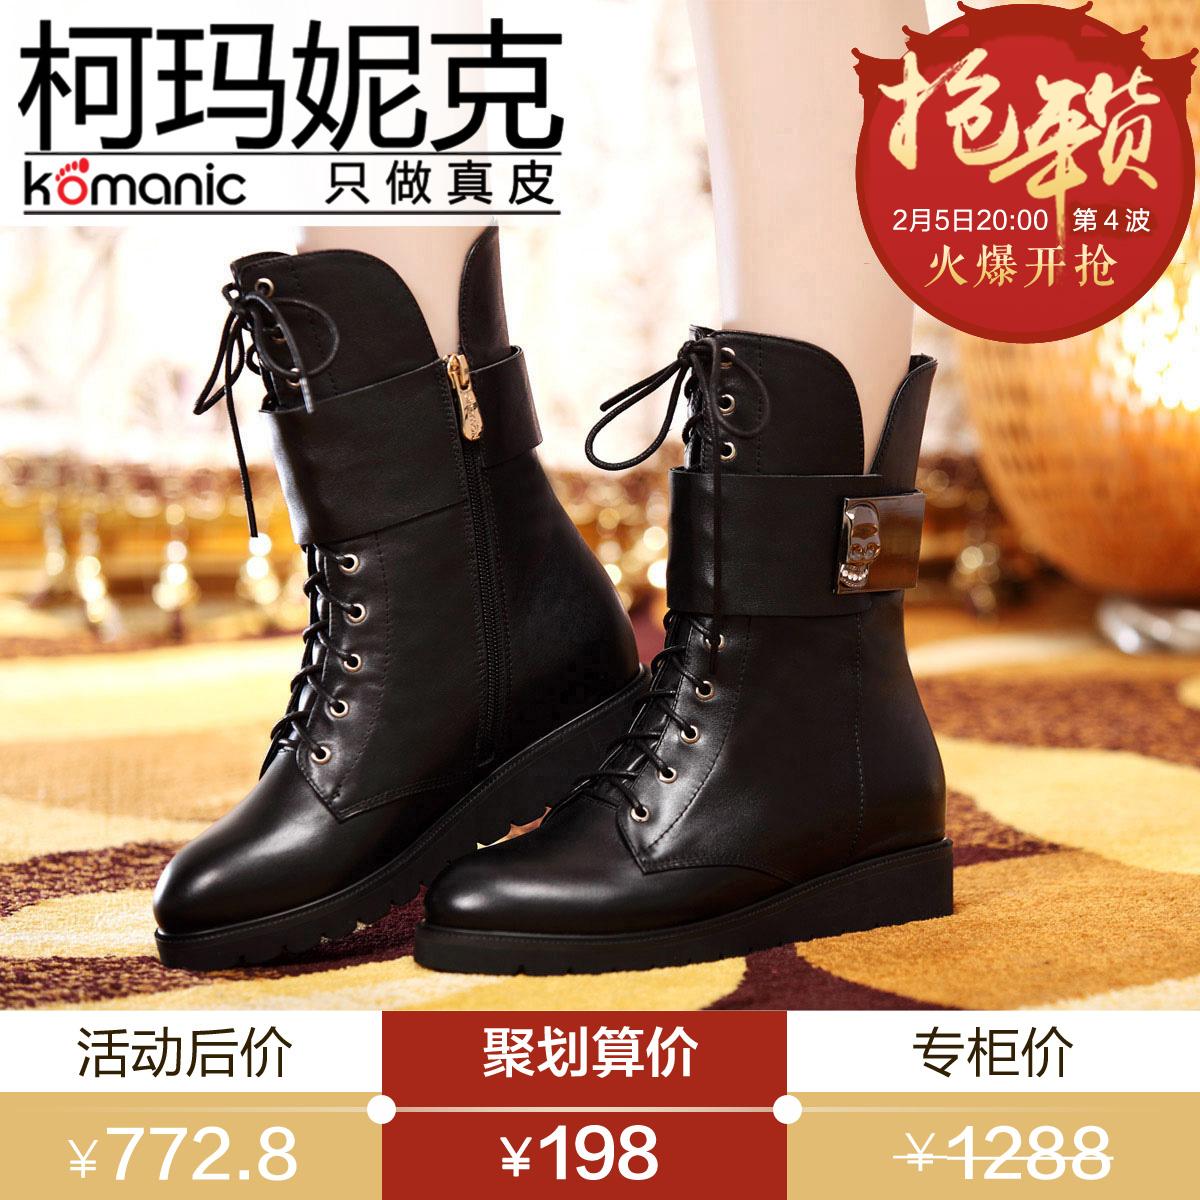 柯玛妮克正品 秋冬新款牛皮中跟女靴 休闲内增高中筒靴K31128